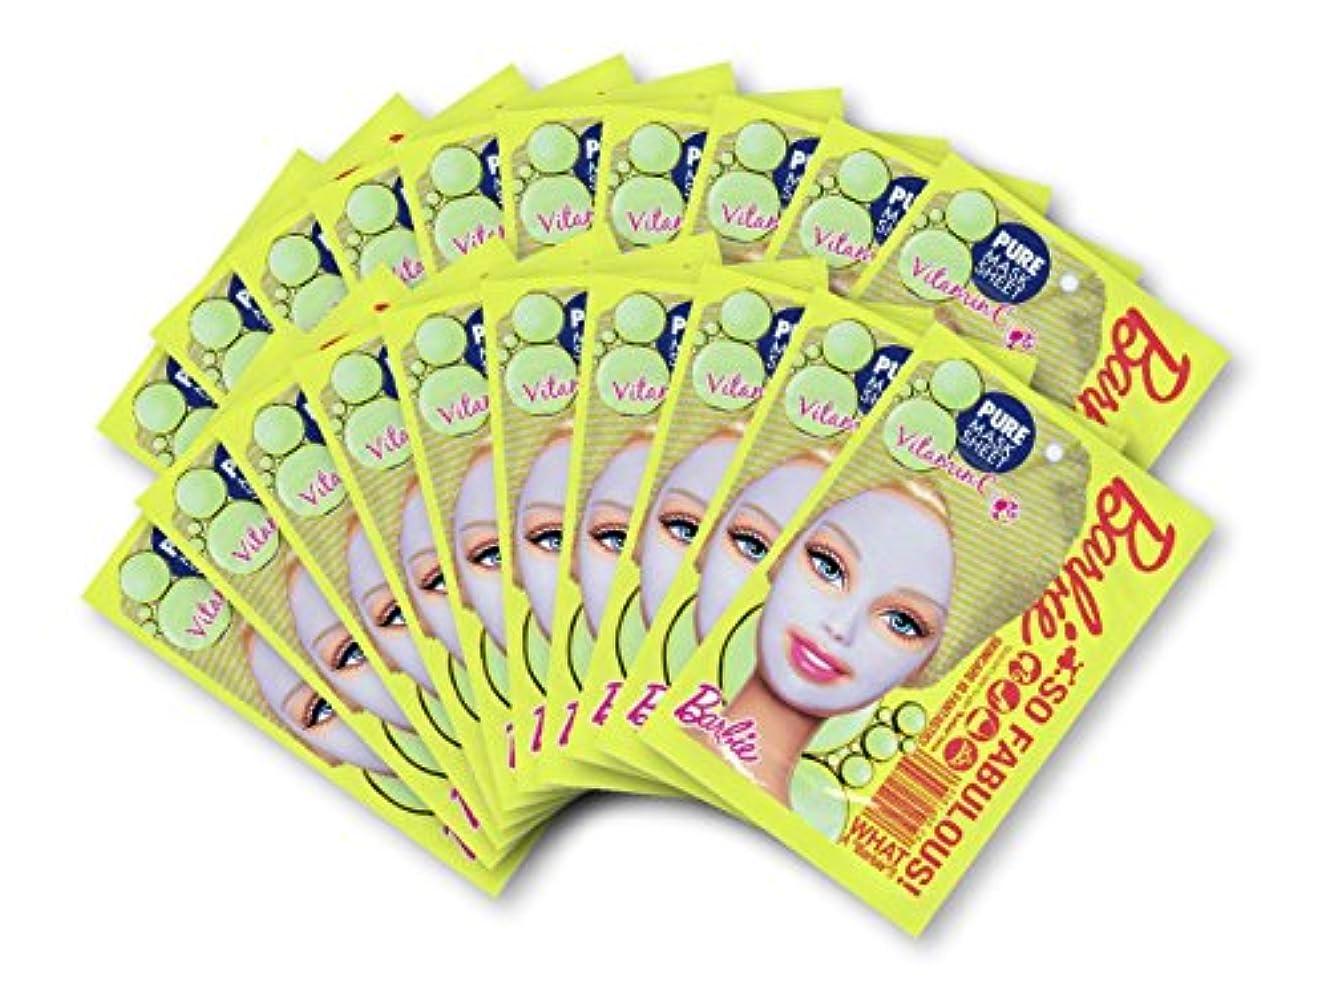 チケット性的アカデミックバービー (Barbie) フェイスマスク ピュアマスクシートN (ビタミンC) 25ml×20枚入り [透明感] 顔 シートマスク フェイスパック